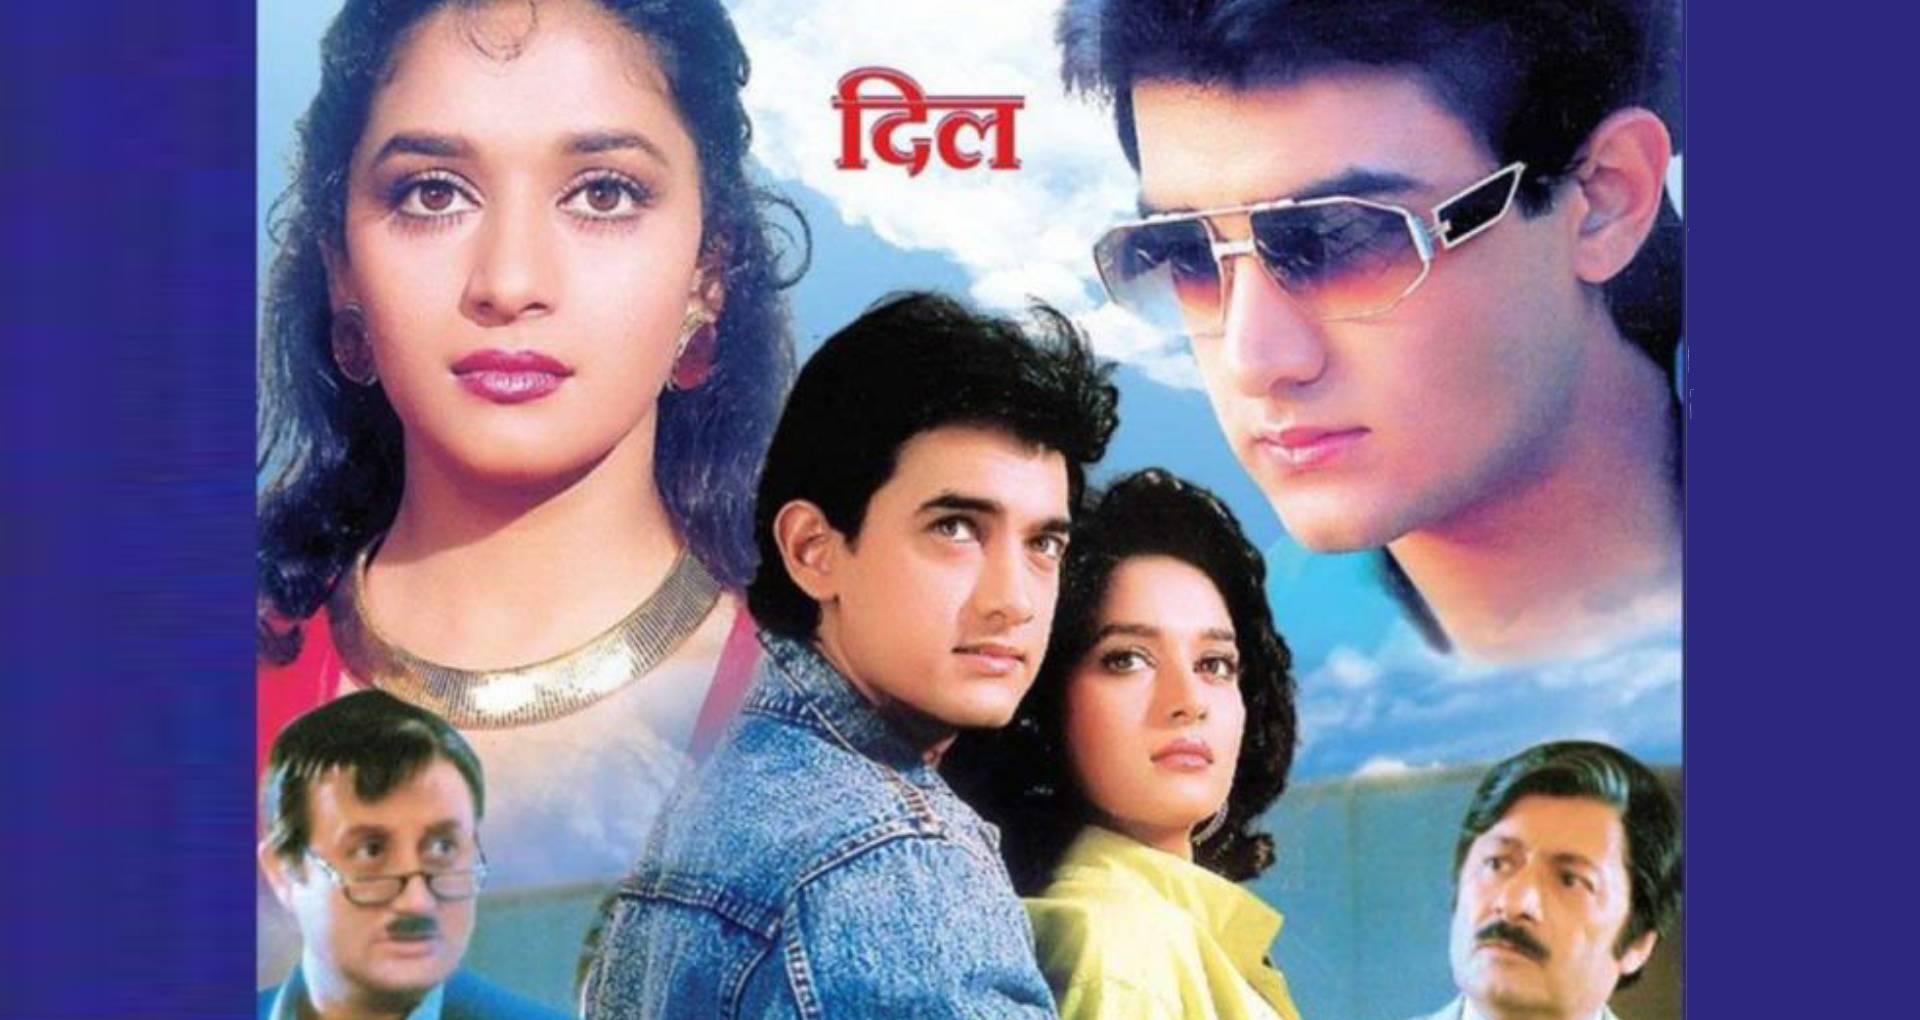 एक बार फिर ऑनस्क्रीन दिखेगी आमिर खान-माधुरी दीक्षित की जोड़ी, डायरेक्टर इंद्र कुमार की इस फिल्म में करेंगे काम